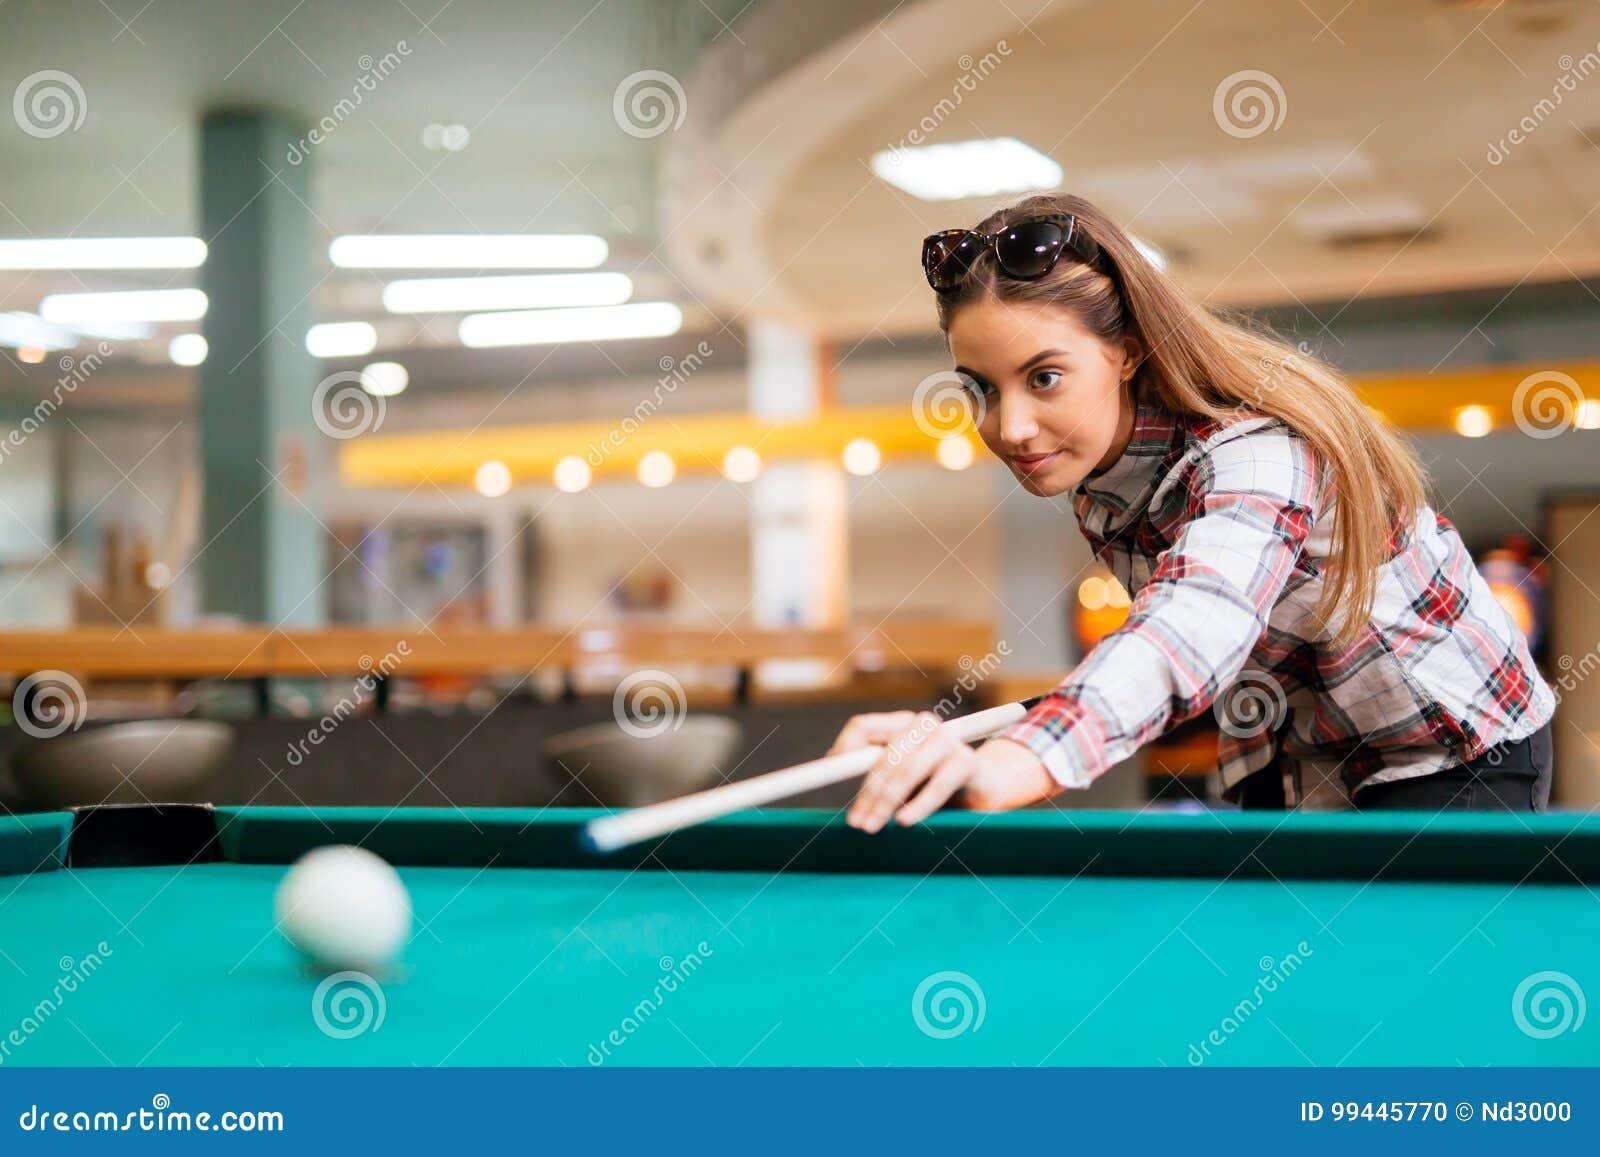 Brunett som siktar, medan spela snooker